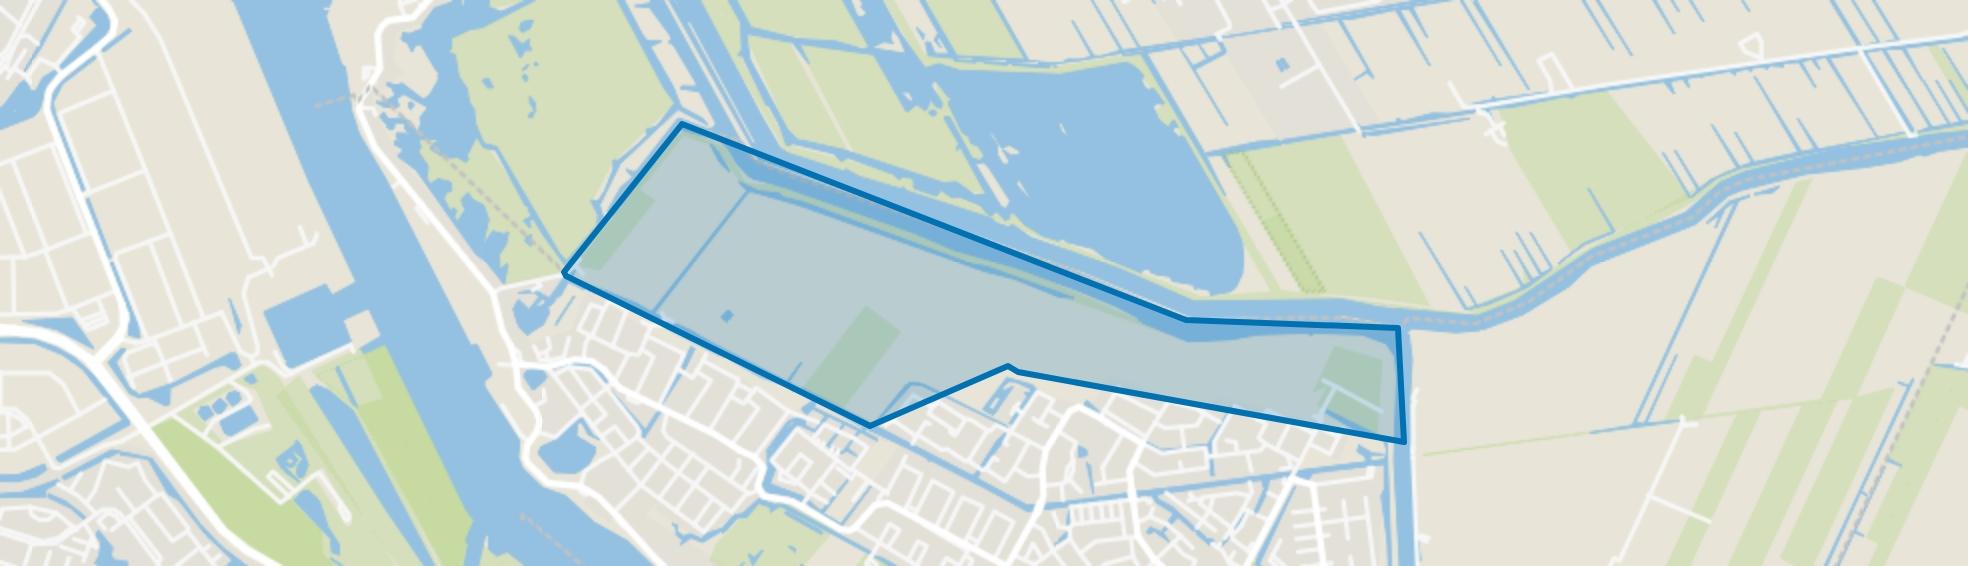 Polder Blokweer, Alblasserdam map